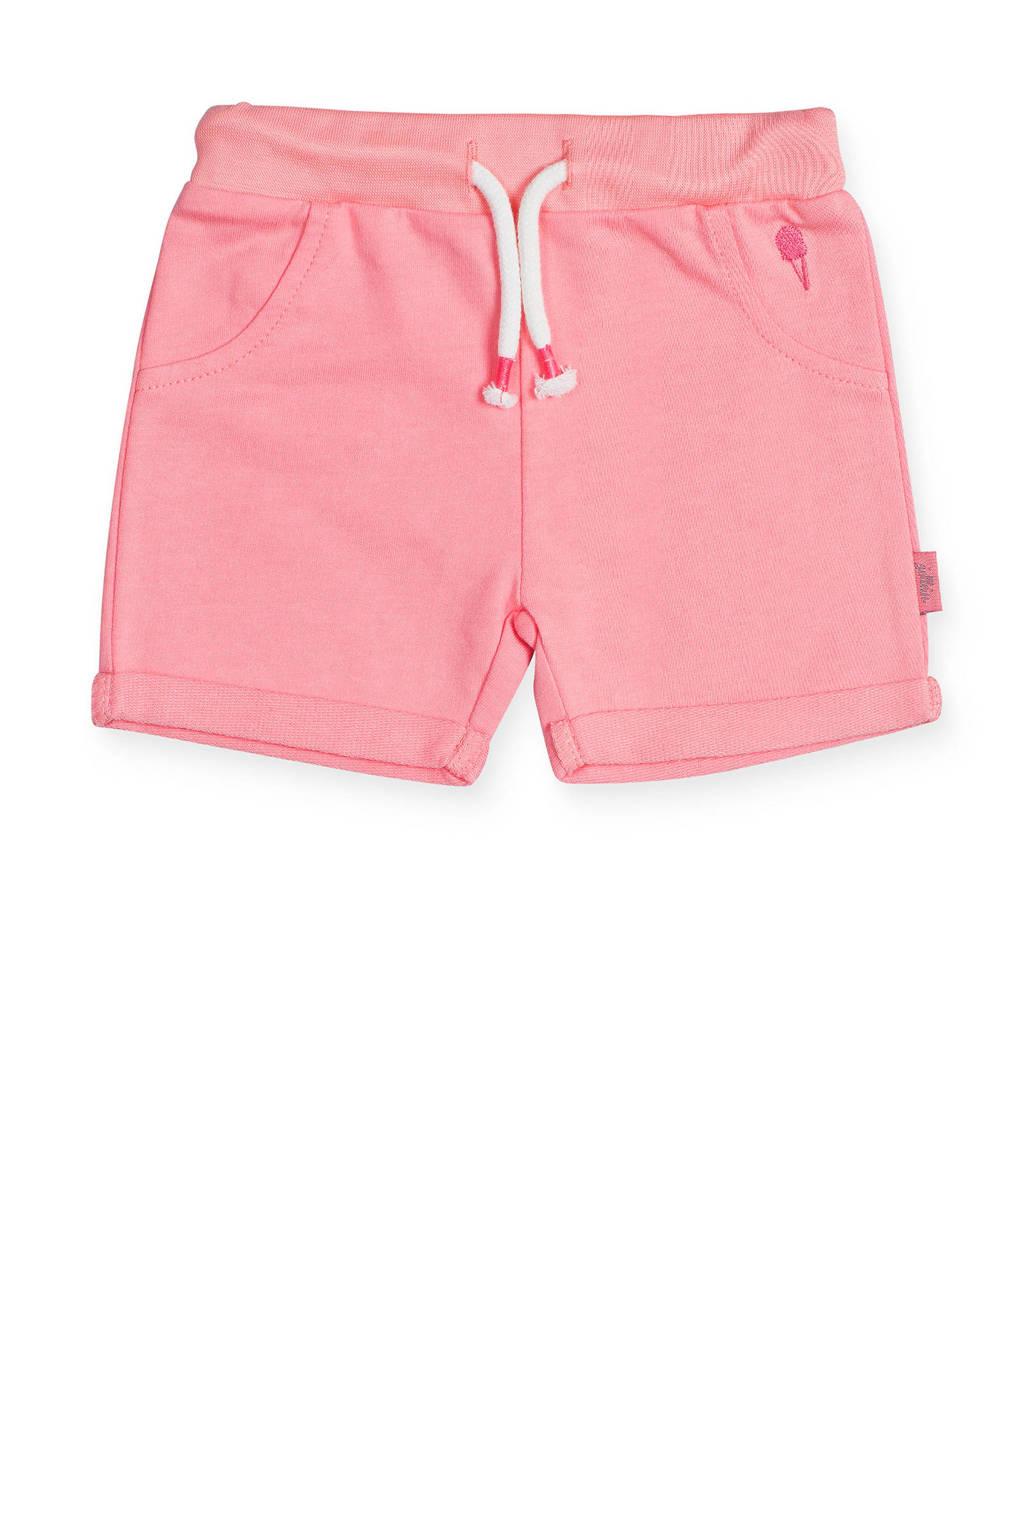 Jollein baby sweatshort roze, Roze